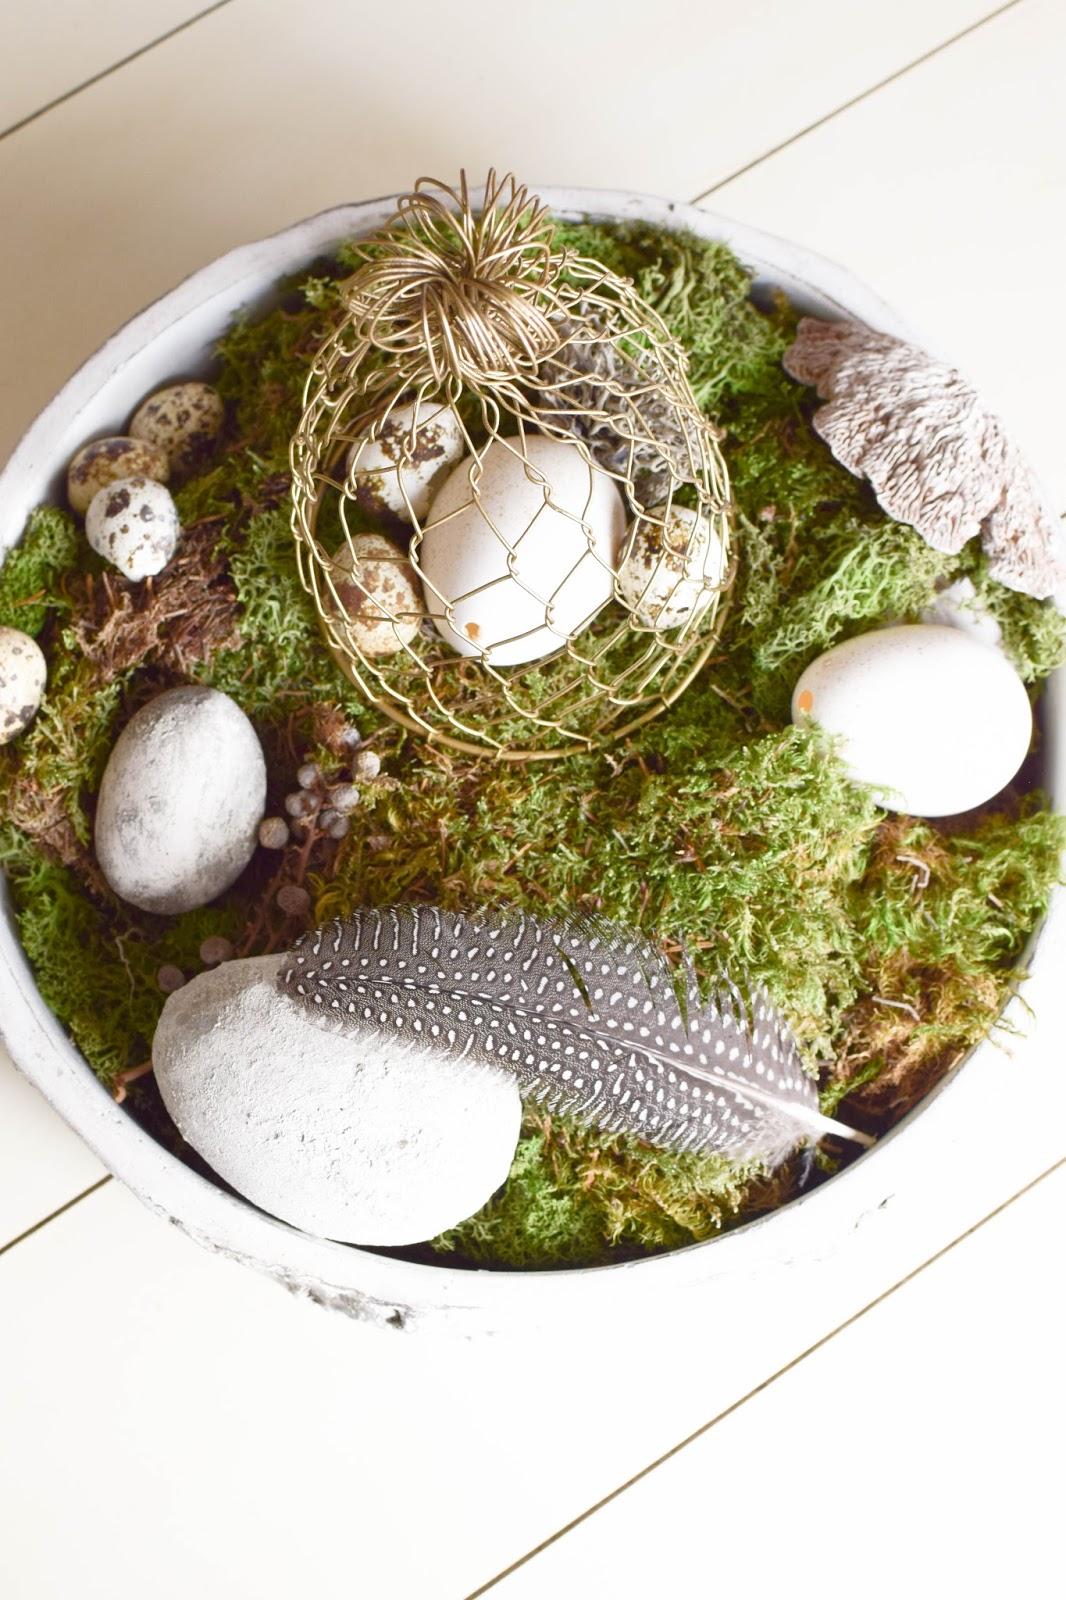 DIY Dekoidee für Ostern: Schale dekorieren mit Wachteleier Osterdeko mit Moos natürlich dekorieren